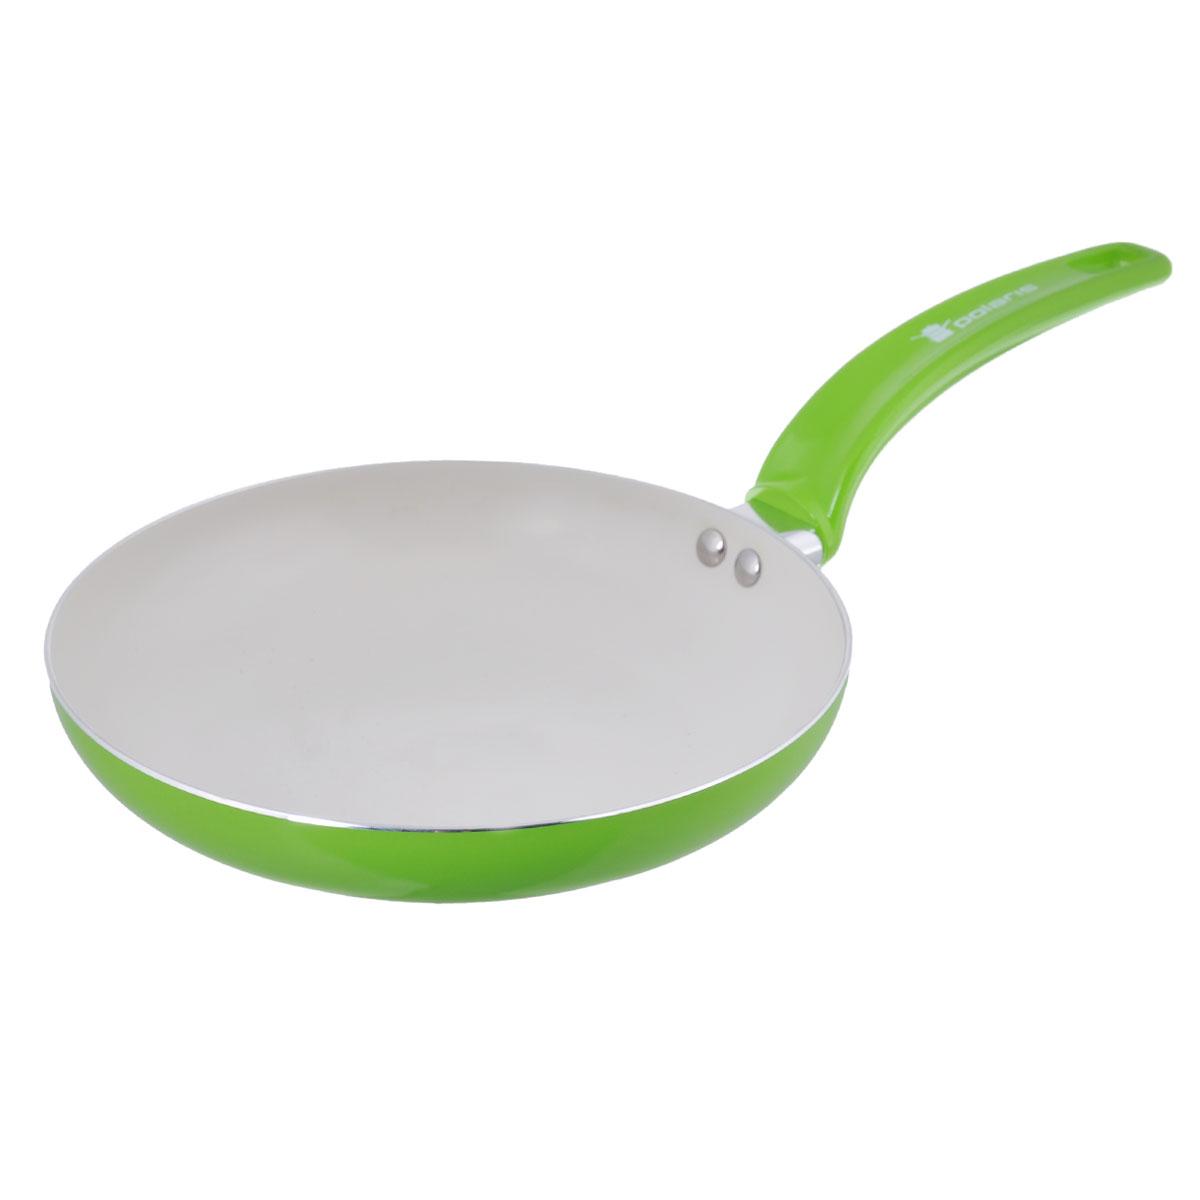 Сковорода Polaris Rainbow, с керамическим покрытием, цвет: салатовый. Диаметр 26 смRain-26FСковорода Polaris Rainbow изготовлена из штампованного алюминия толщиной 2,5 мм с керамическим антипригарным покрытием. Данное покрытие является абсолютно экологичным и не содержит вредных веществ, таких как PTFE и PFOA. Это позволяет готовить здоровую пищу с минимальным добавлением жира или подсолнечного масла. Сковорода быстро разогревается и распределяет тепло по всей поверхности. Сковорода оснащена удобной ручкой из бакелита. Изделие подходит для газовых, электрических, стеклокерамических плит. Не подходит для индукционных плит. Сковороду можно мыть в посудомоечной машине. Не использовать в СВЧ-печах. Высота стенки: 5 см. Толщина стенки: 2,5 мм. Толщина дна: 2,5 мм. Длина ручки: 18 см.